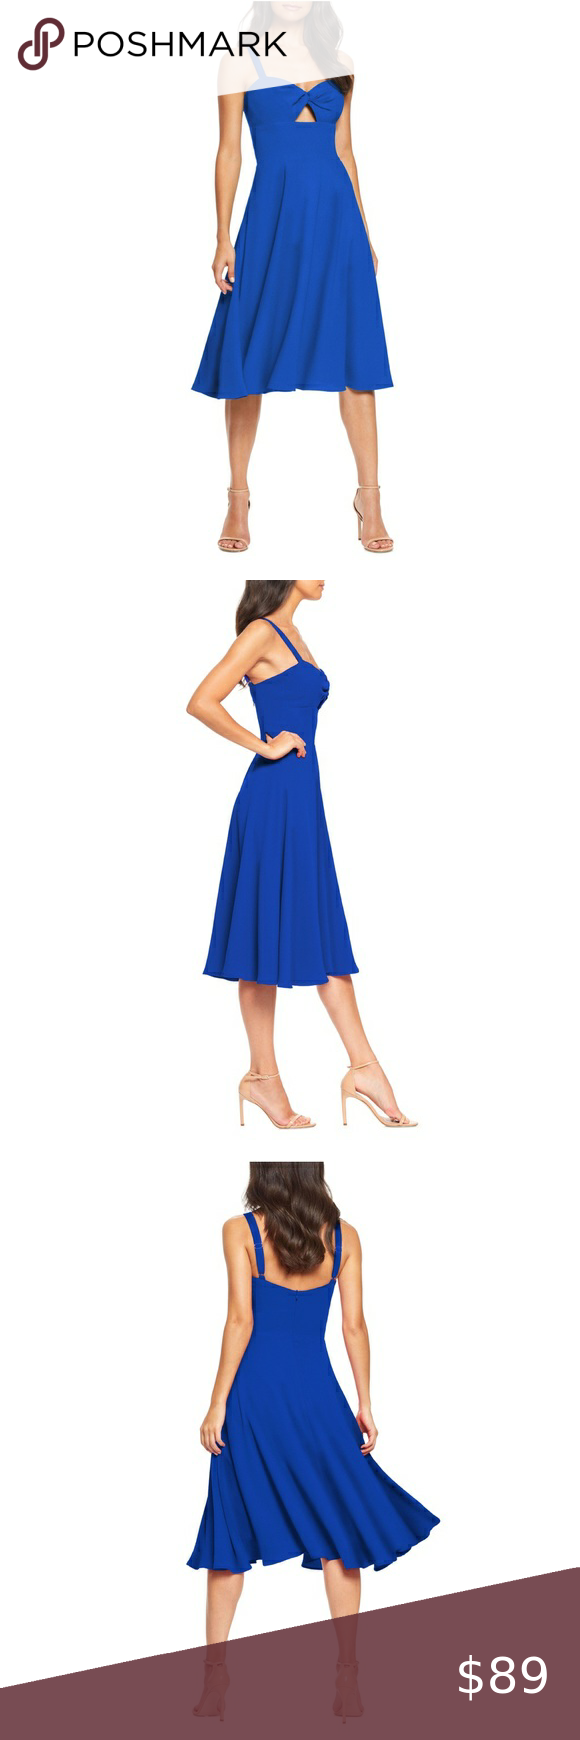 Nwt Dress The Population Sweetheart Midi Dress Dress The Population Colorful Dresses Midi Dress [ 1740 x 580 Pixel ]